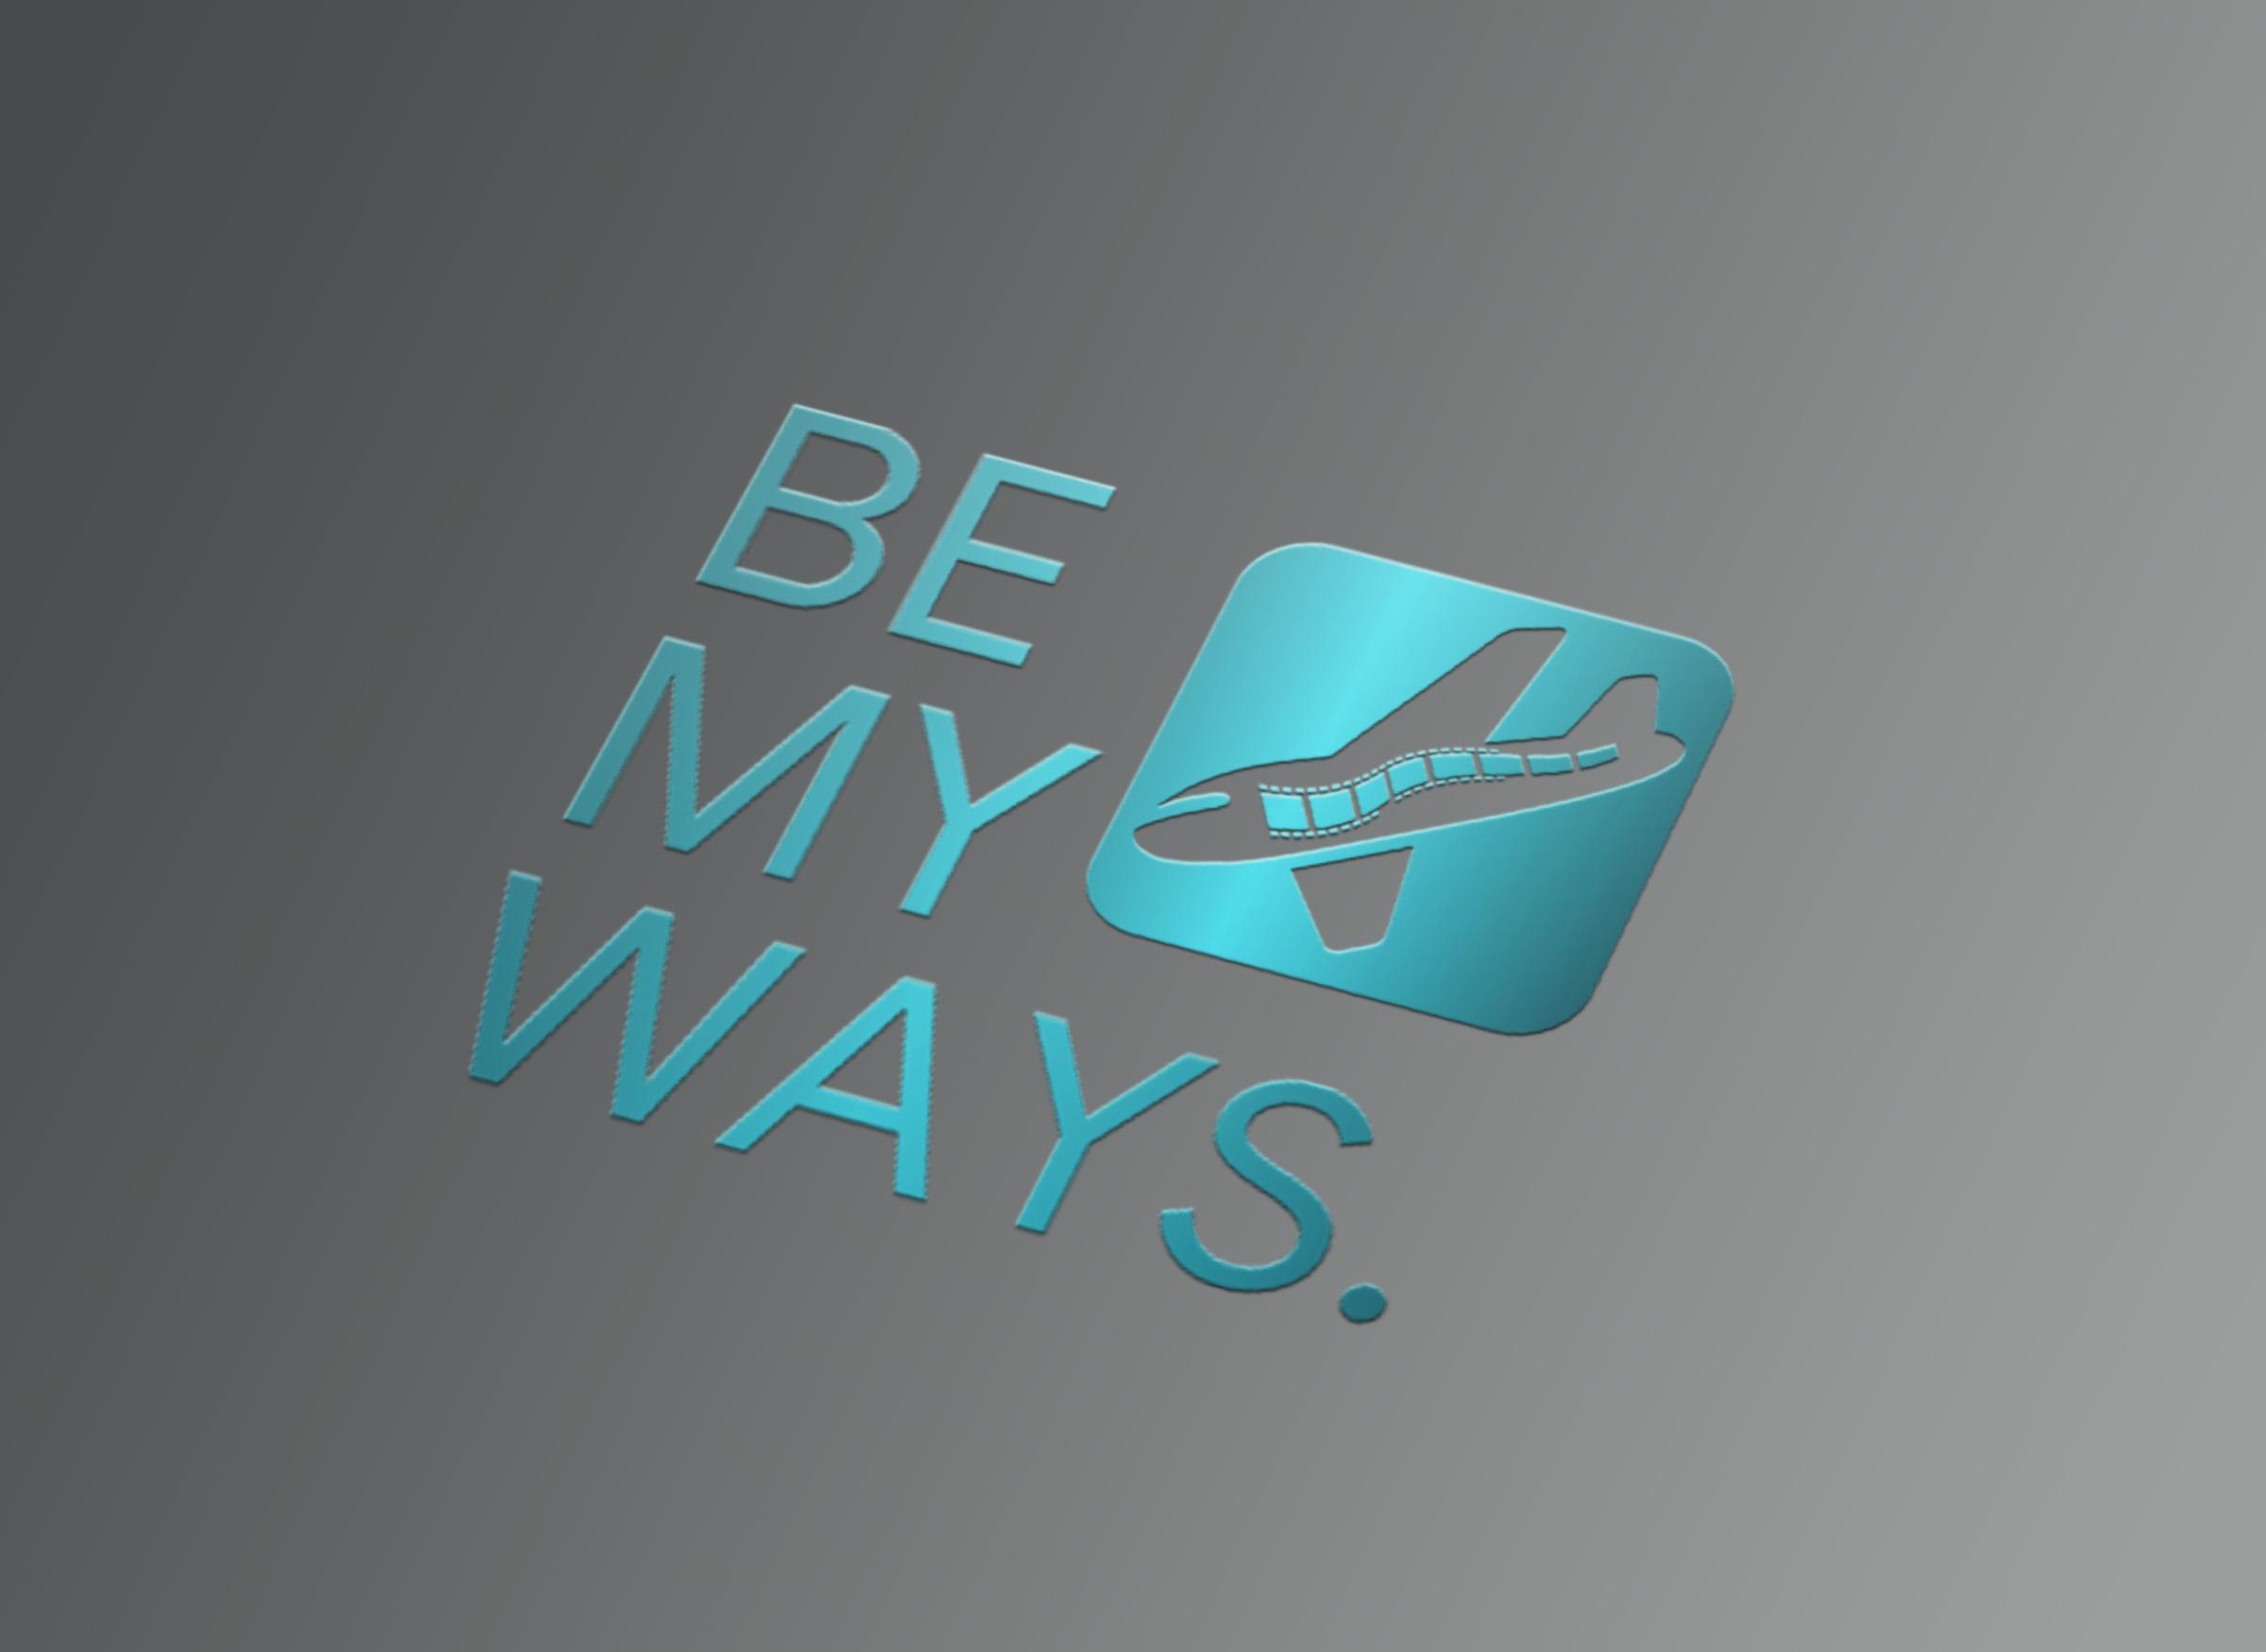 Разработка логотипа и иконки для Travel Video Platform фото f_3265c366343e02e2.jpg